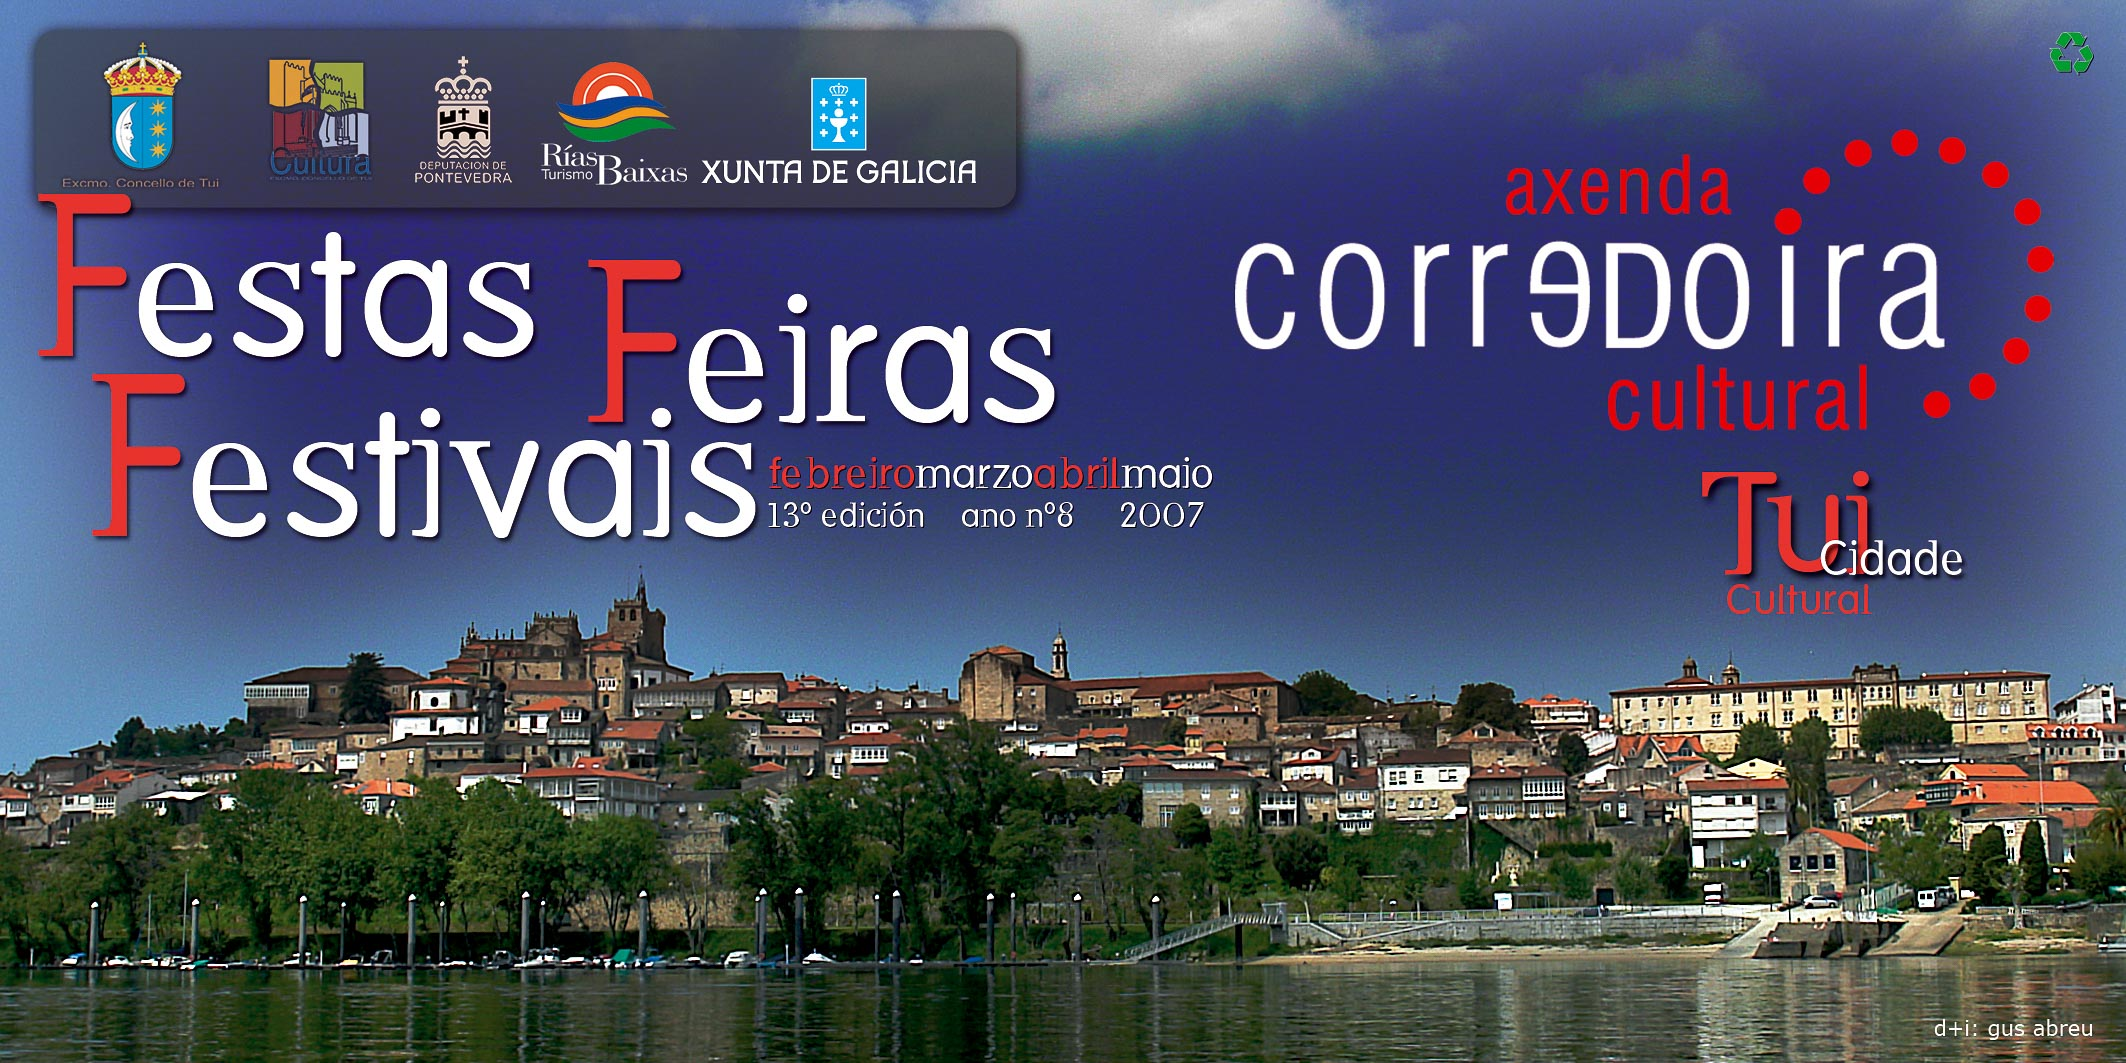 concello-de-tui-2007 1º portada resto